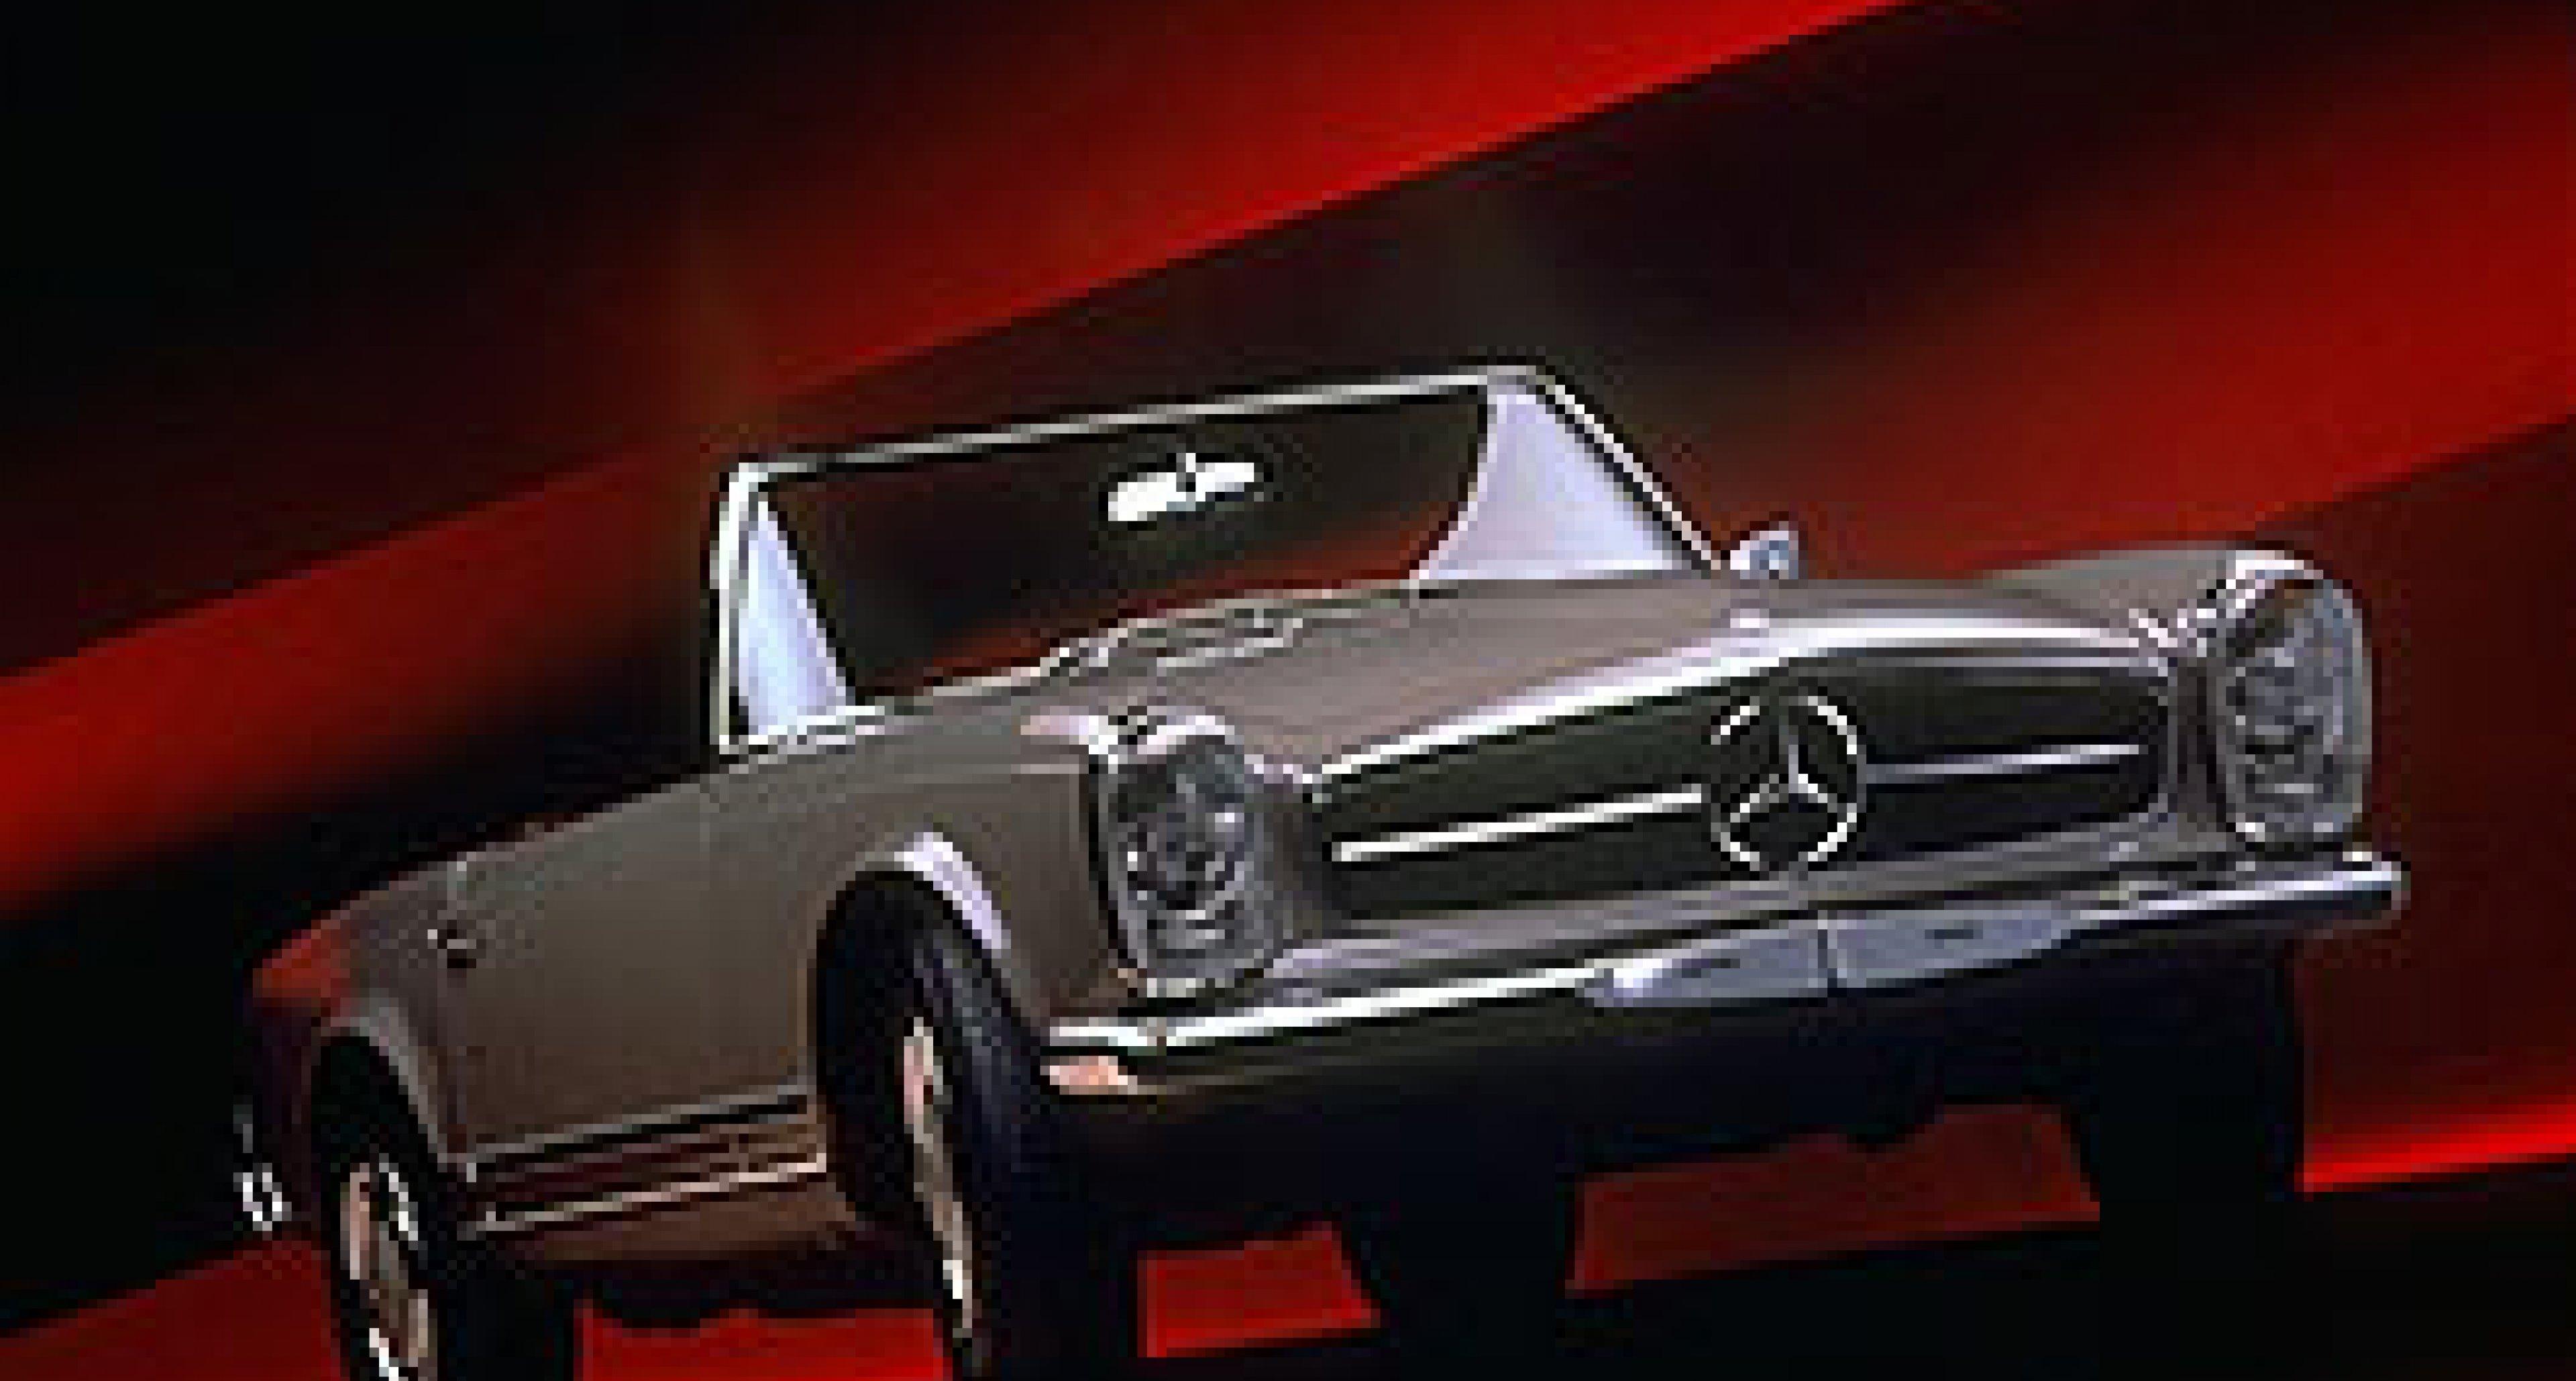 René Staud Automobilkalender 2004: Zwei außergewöhnliche Editionen